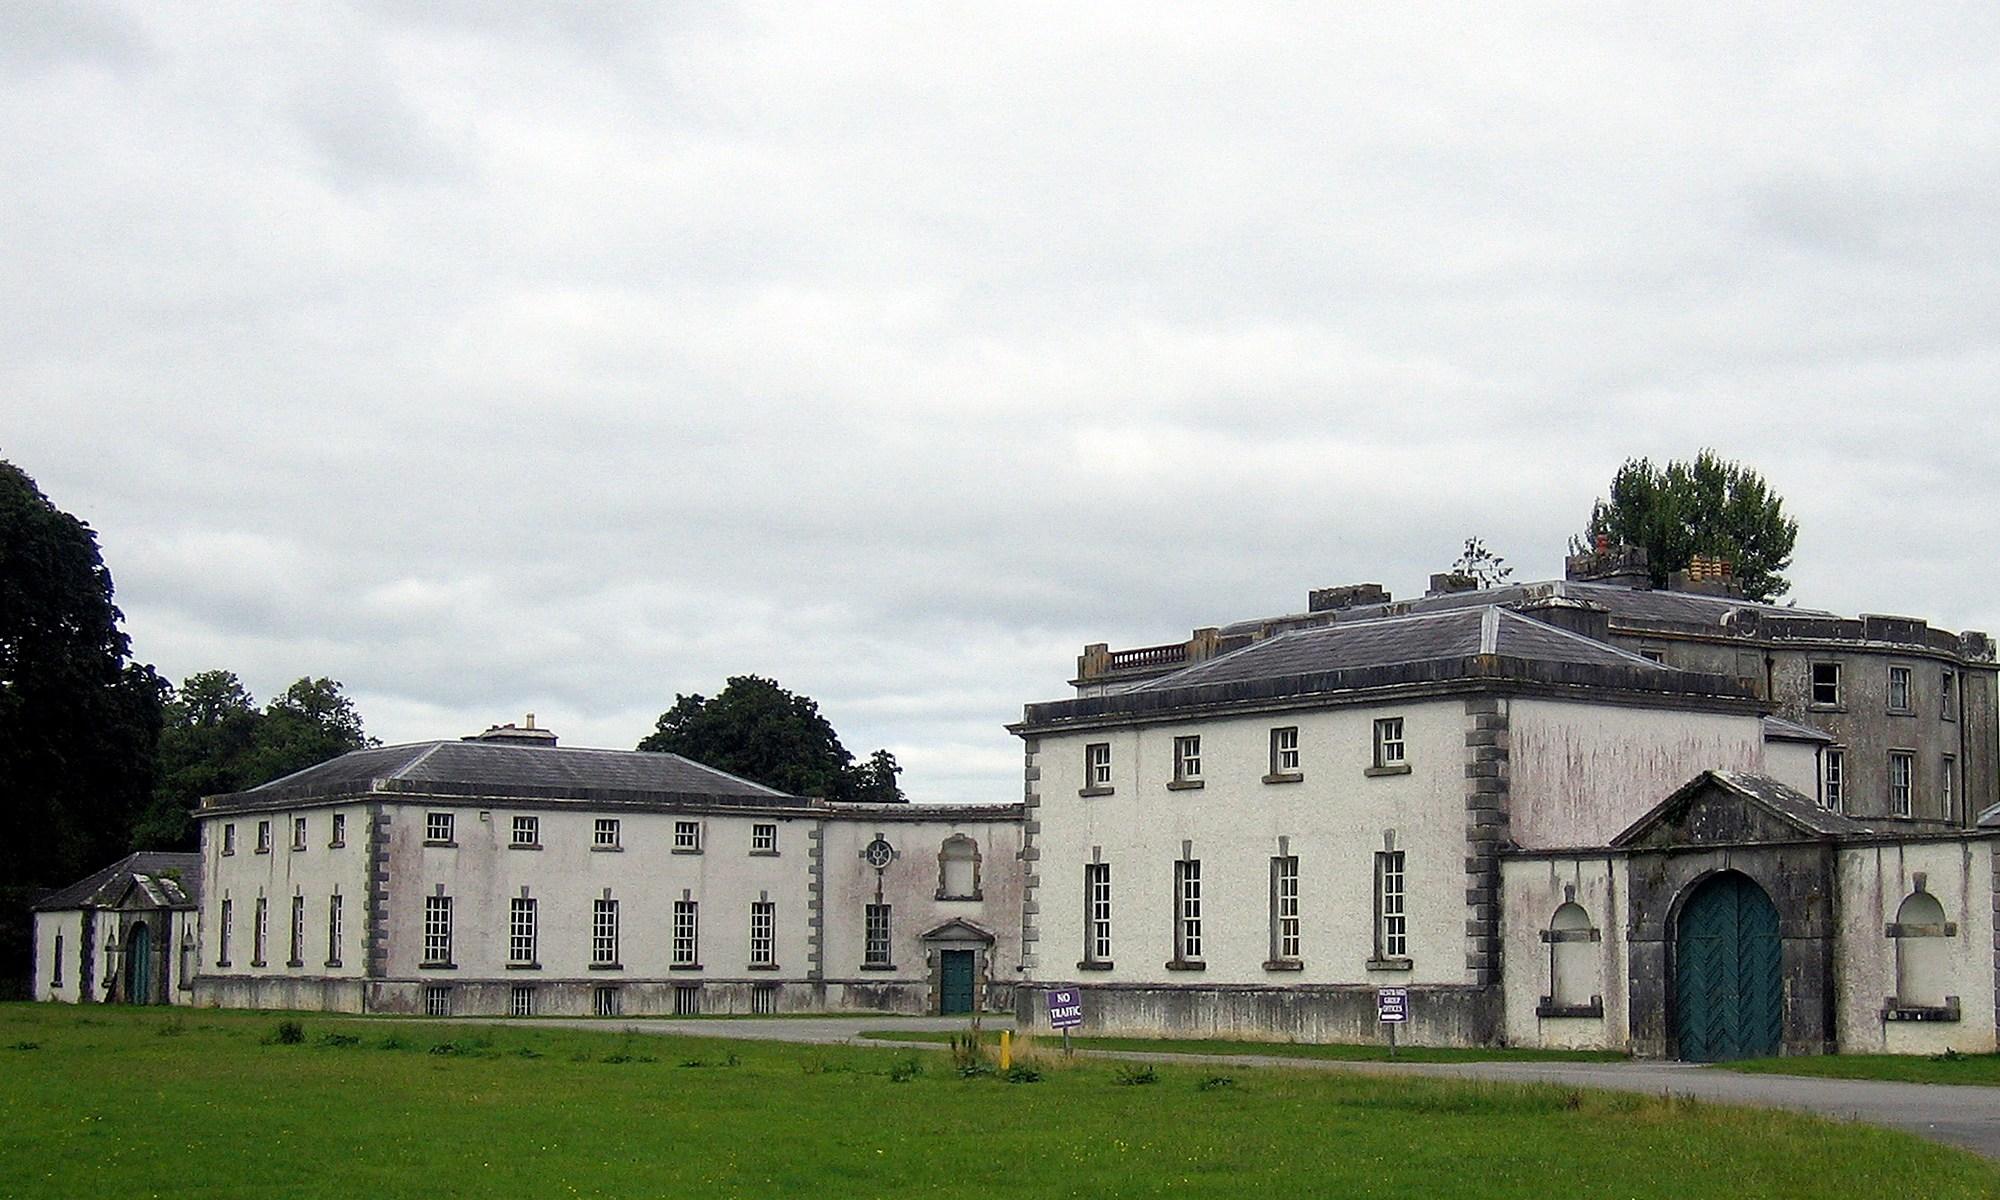 Strokestown Park House - Ireland